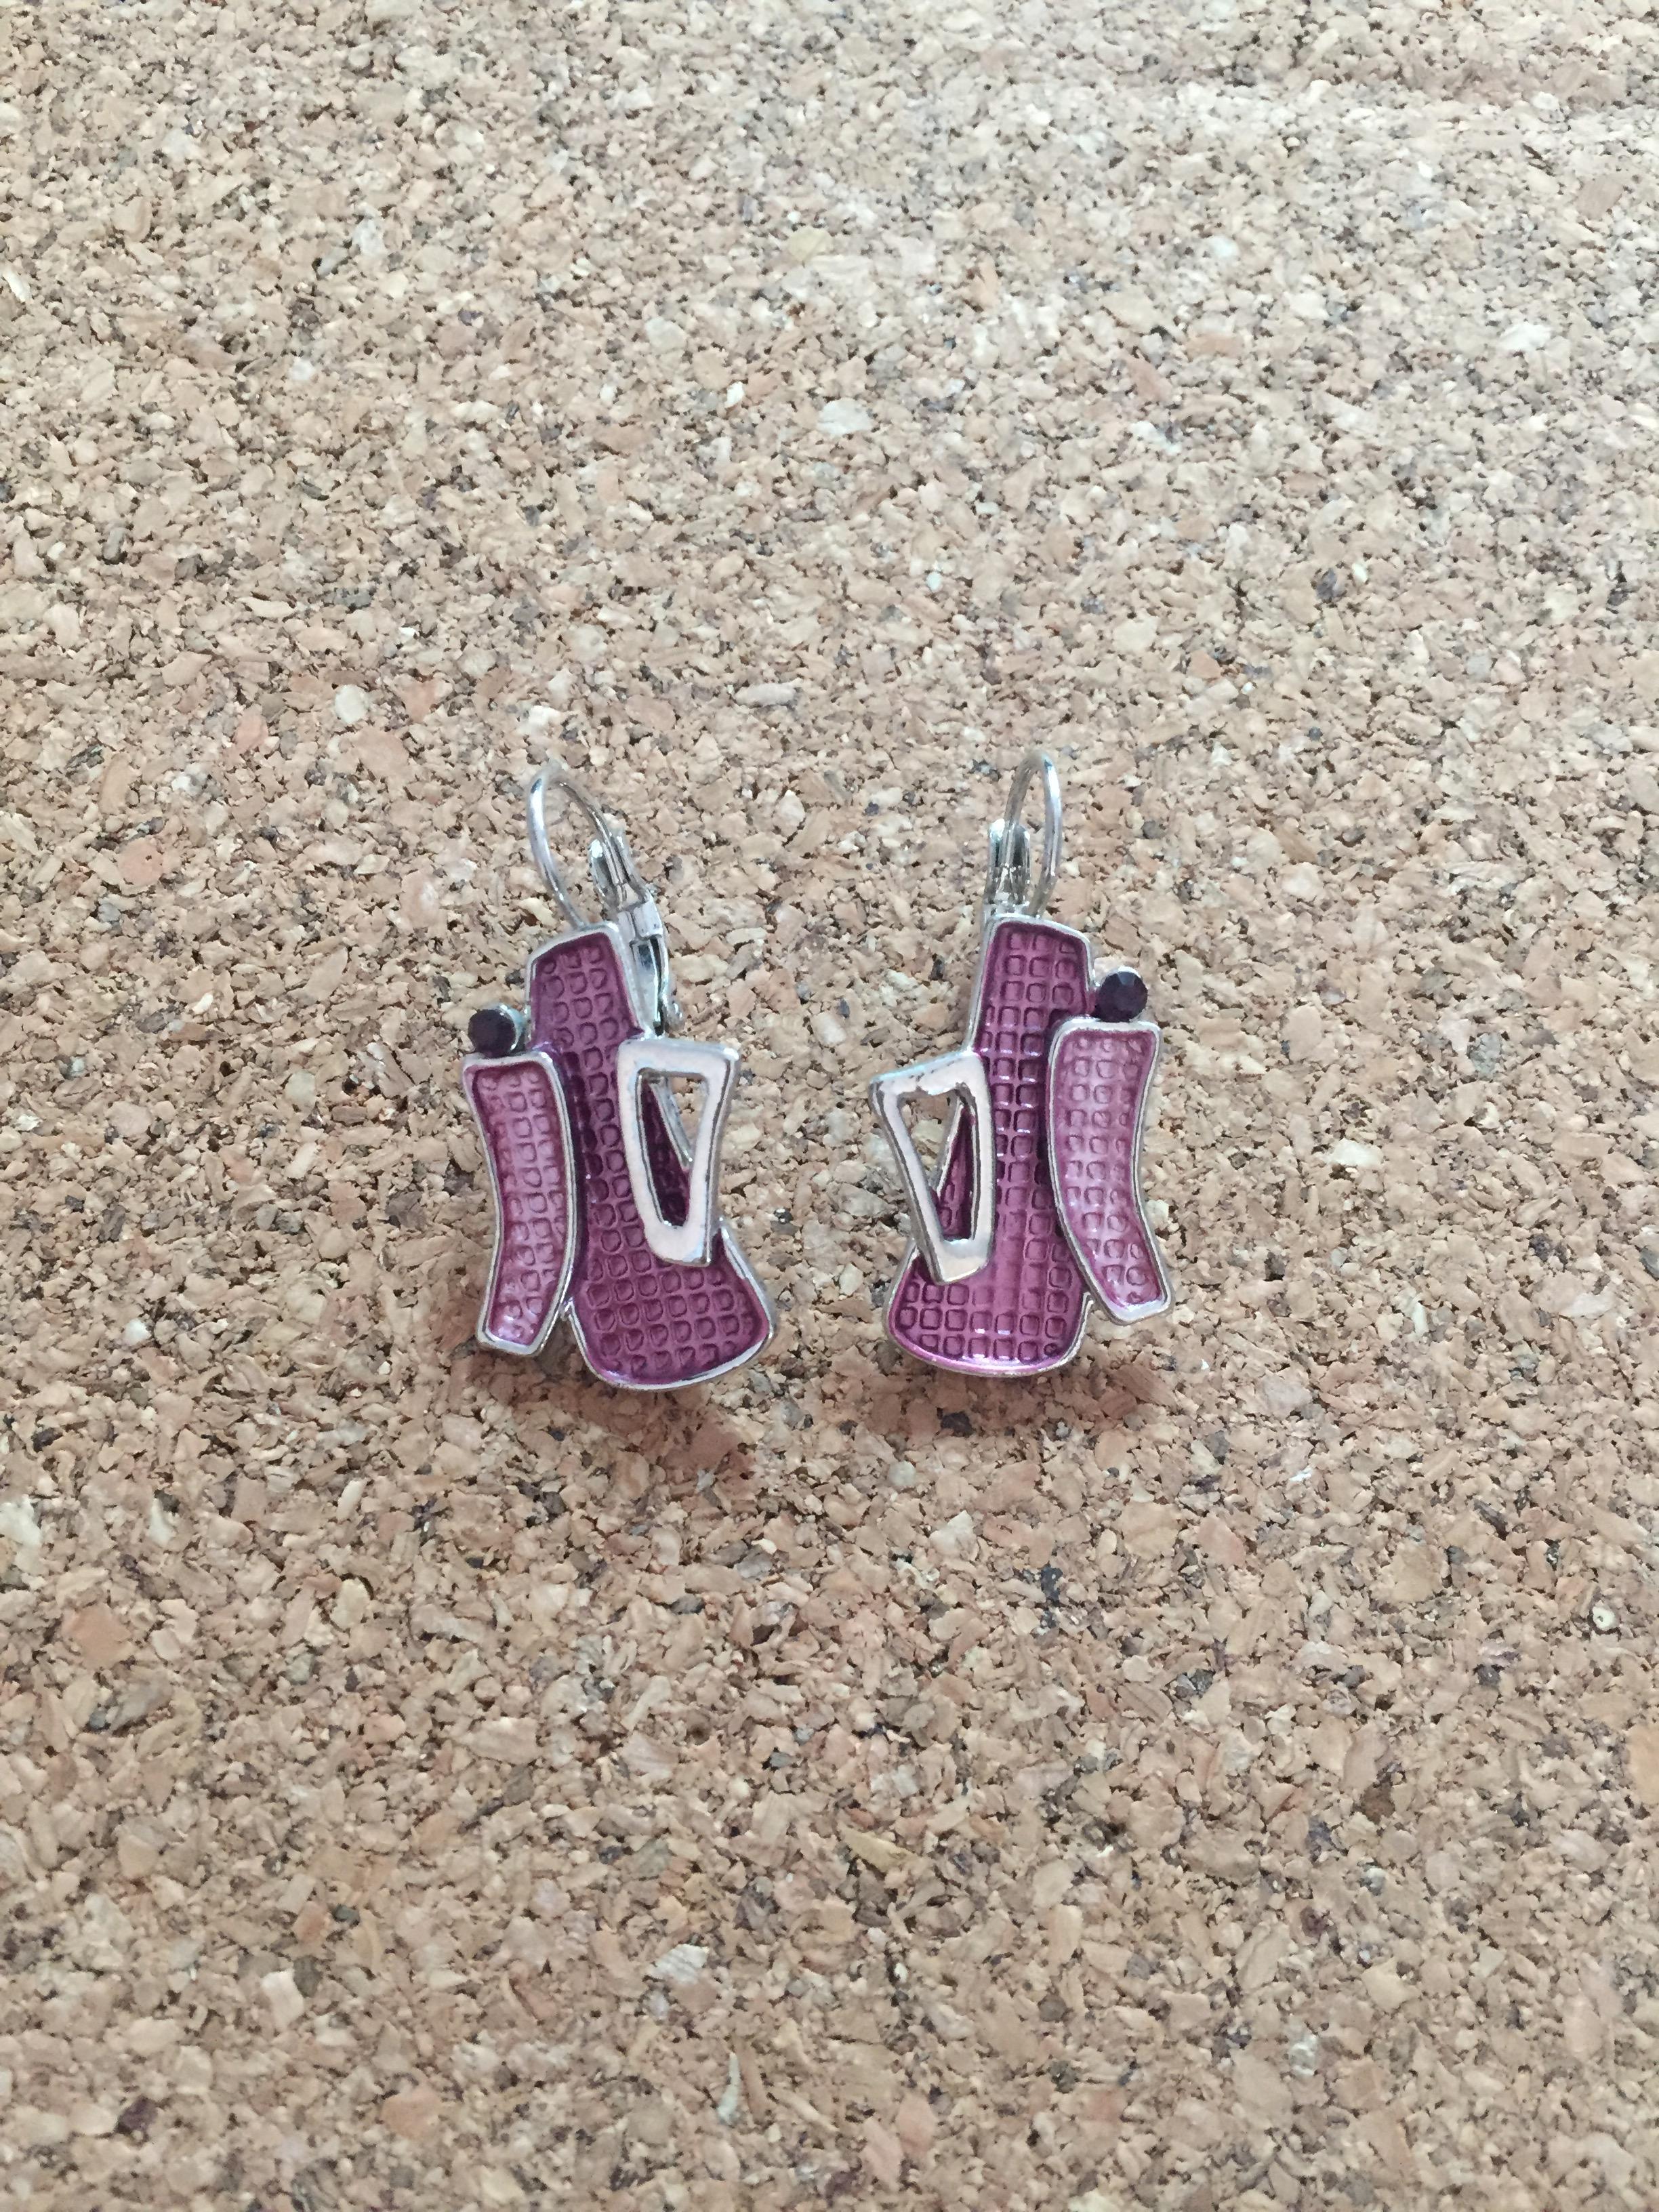 F019 ต่างหูห่วงโรเดียม สีชมพูอมม่วง ประดับเพชรสีม่วง